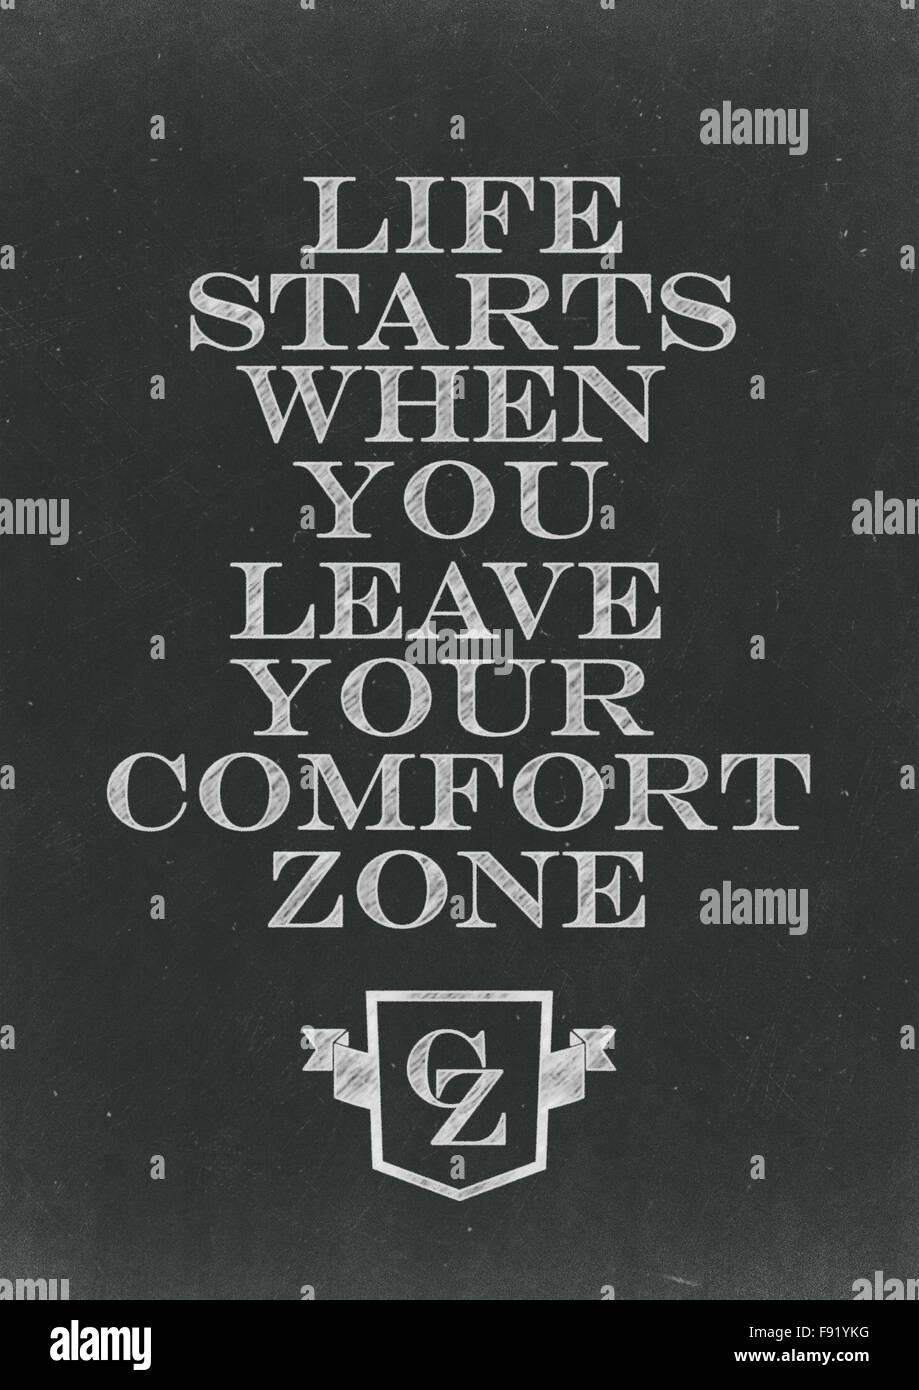 La vida empieza cuando salgas de tu zona de confort escritos a mano en una pizarra Imagen De Stock